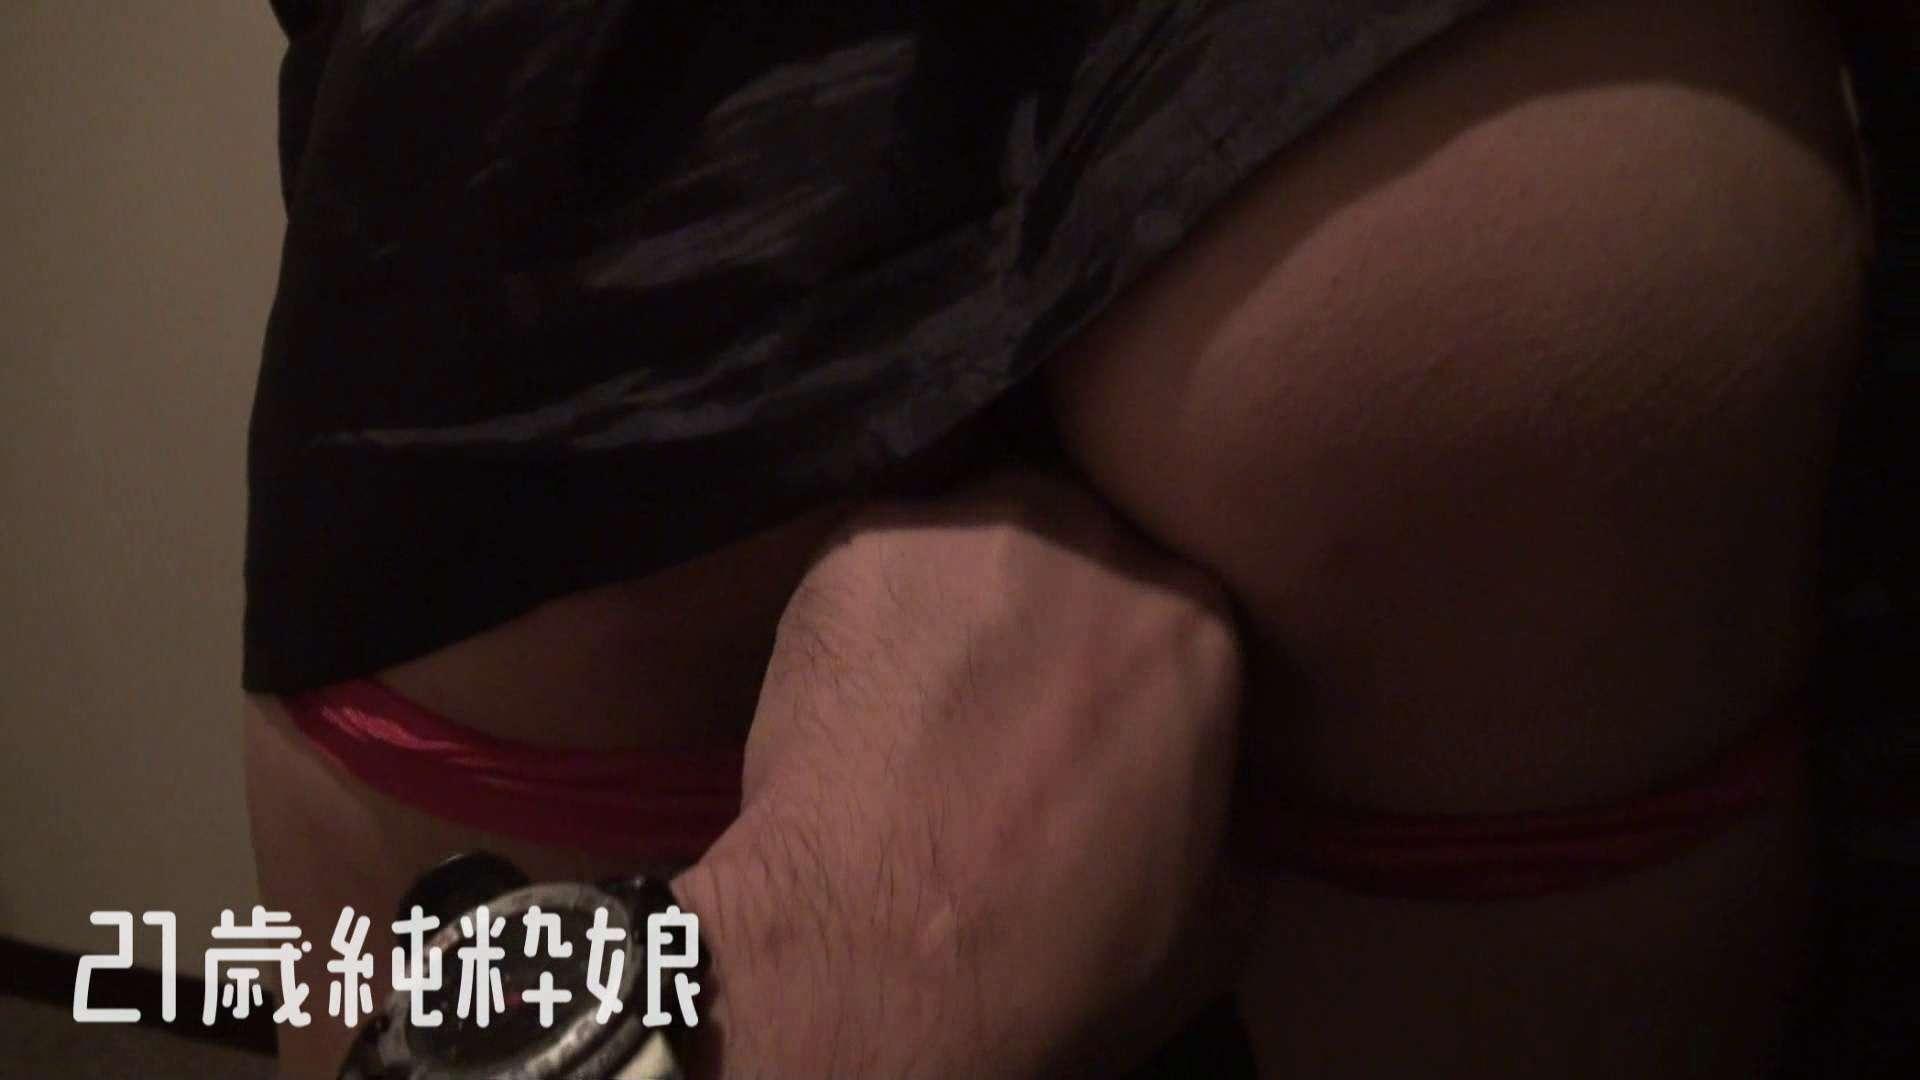 上京したばかりのGカップ21歳純粋嬢を都合の良い女にしてみた 出会い系 AV動画キャプチャ 86pic 32